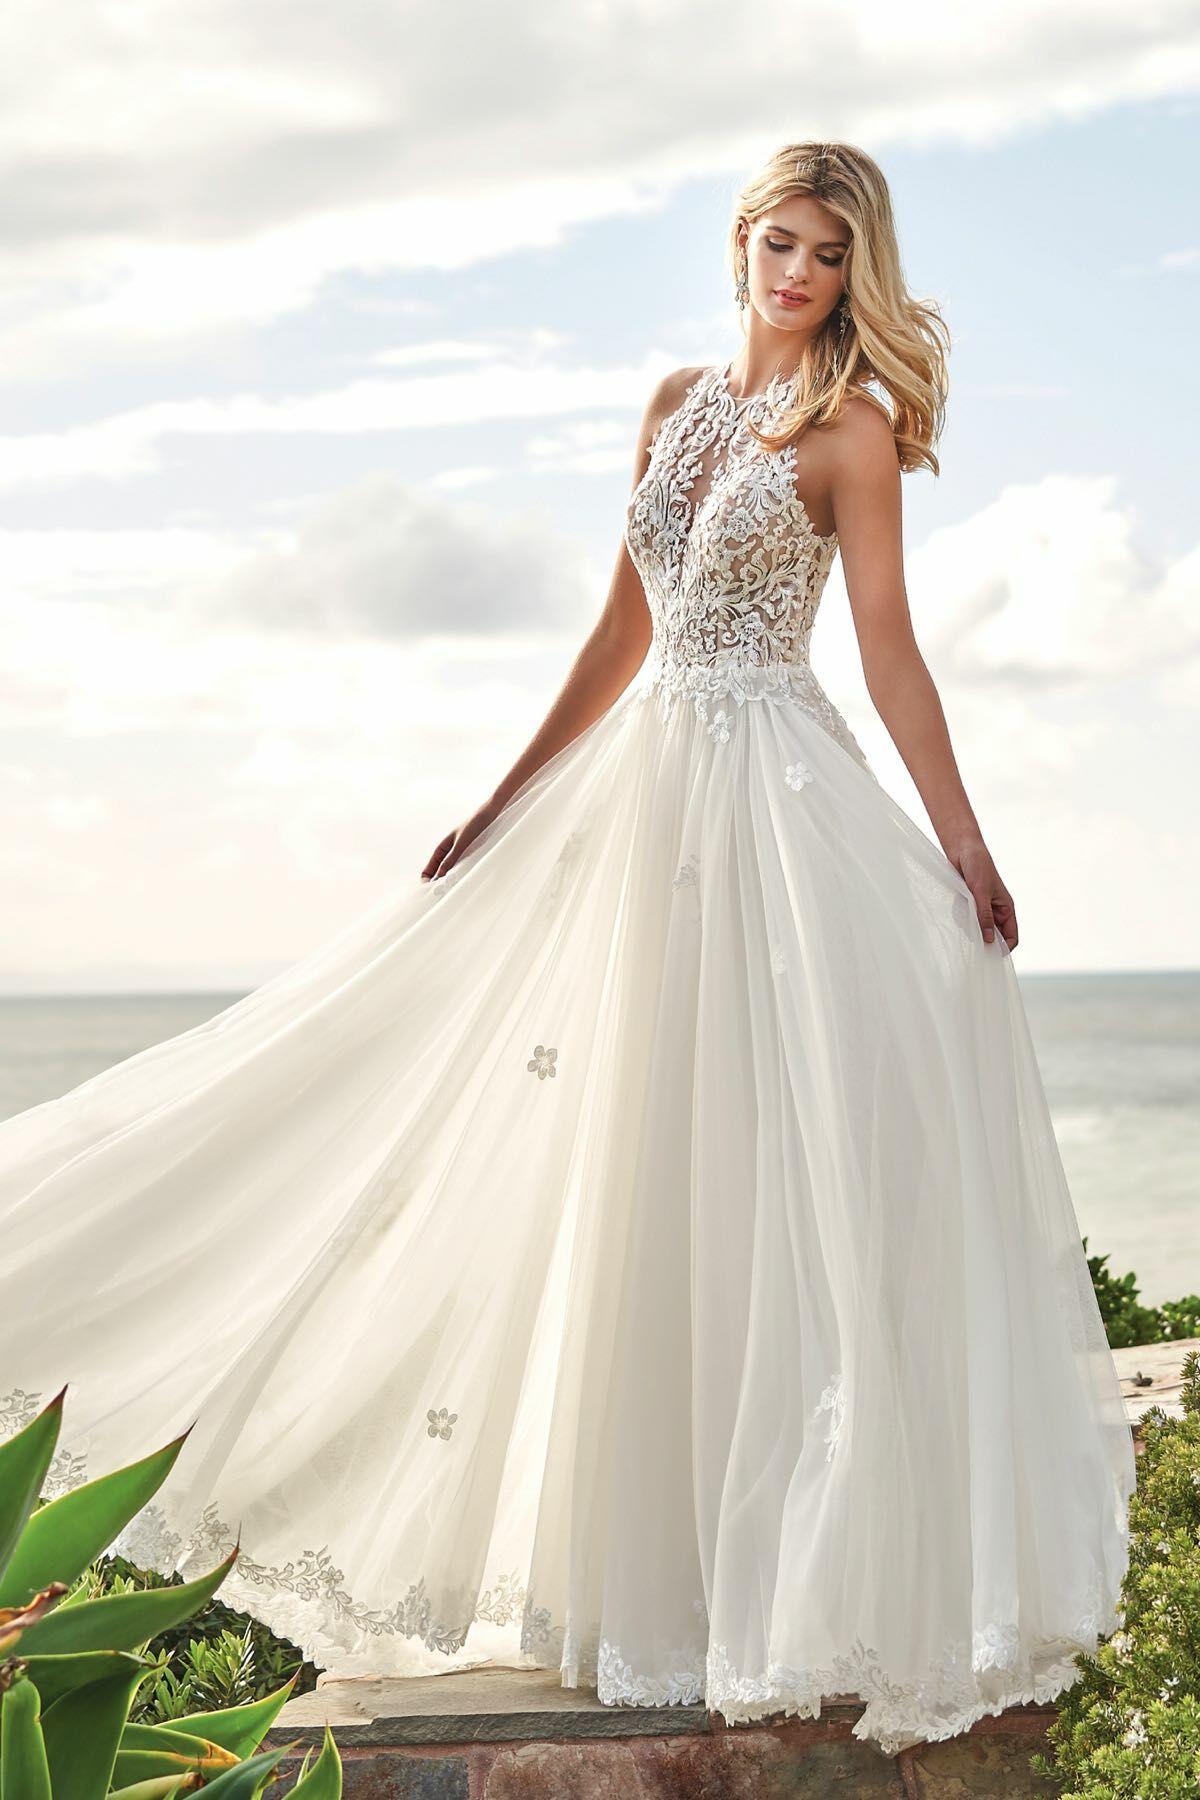 Irini S Originals Bridal Salons Wilmington De